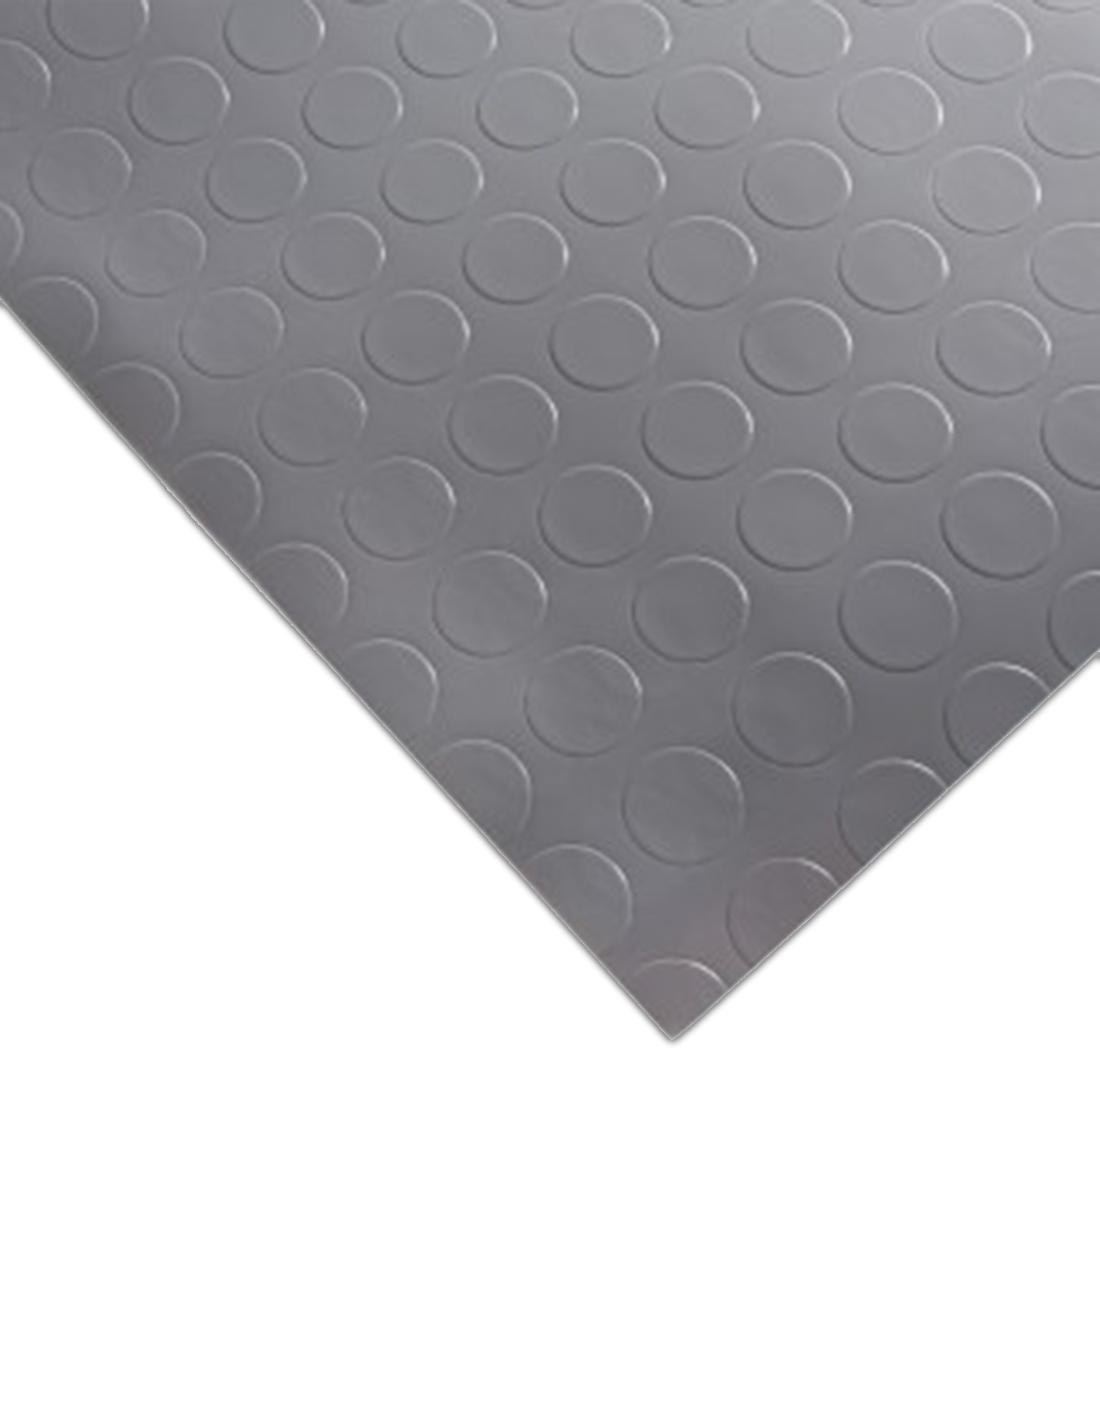 Suelo Vinílico PVC Circulos Gris